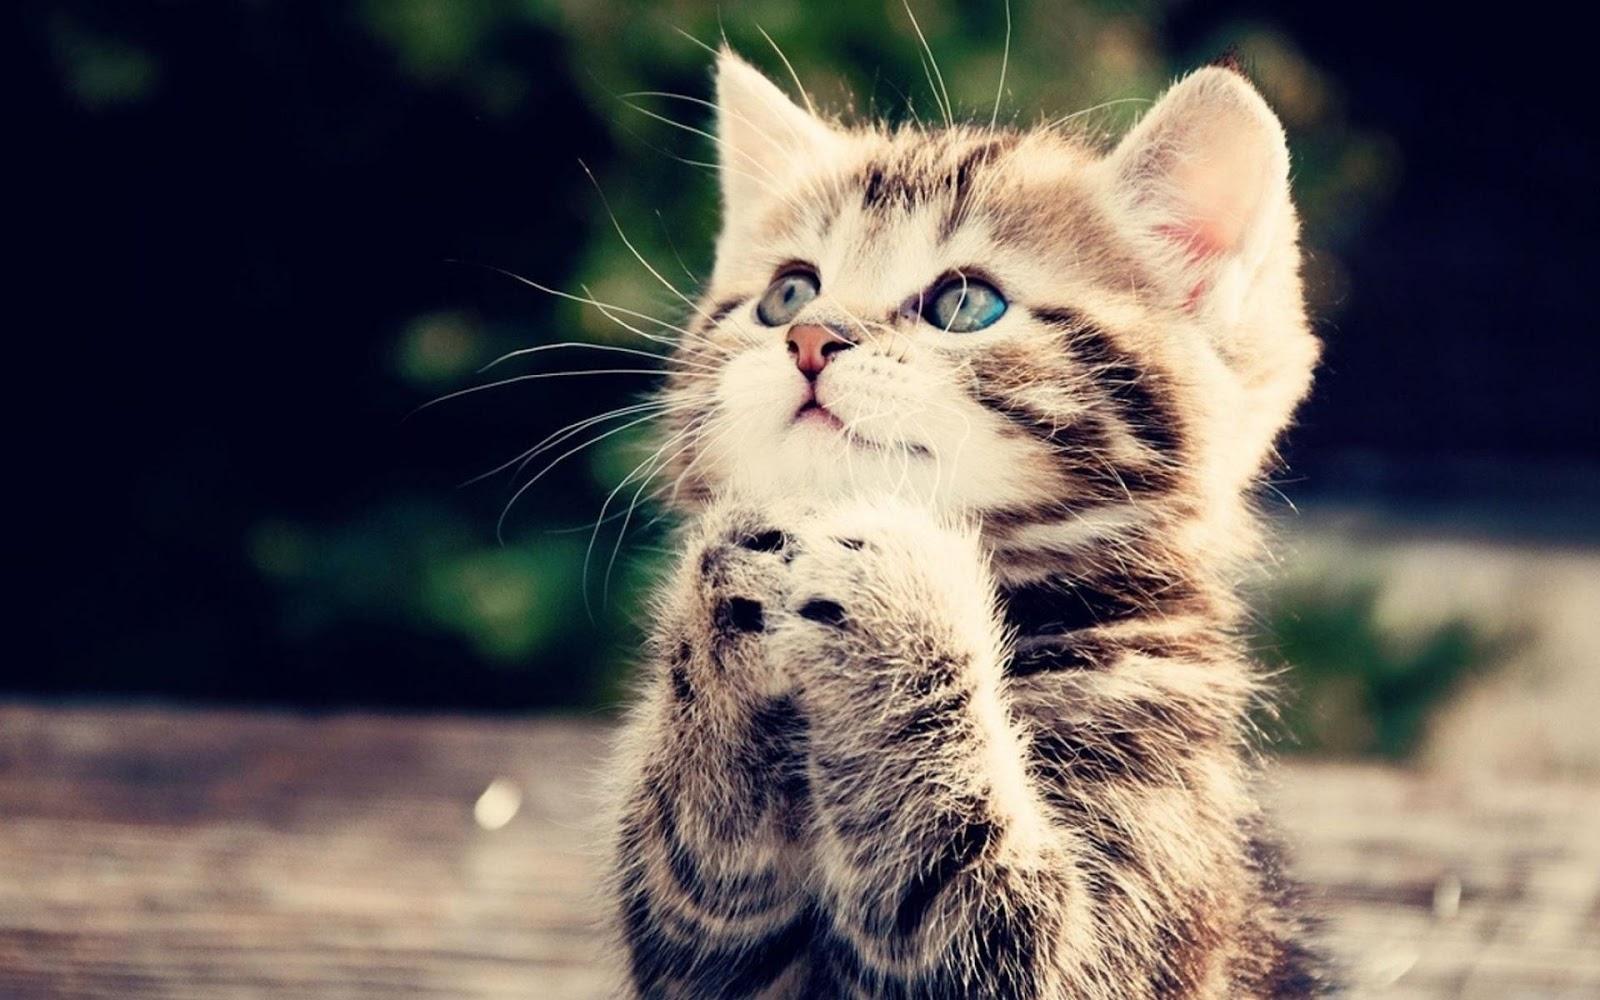 Kitten Begging